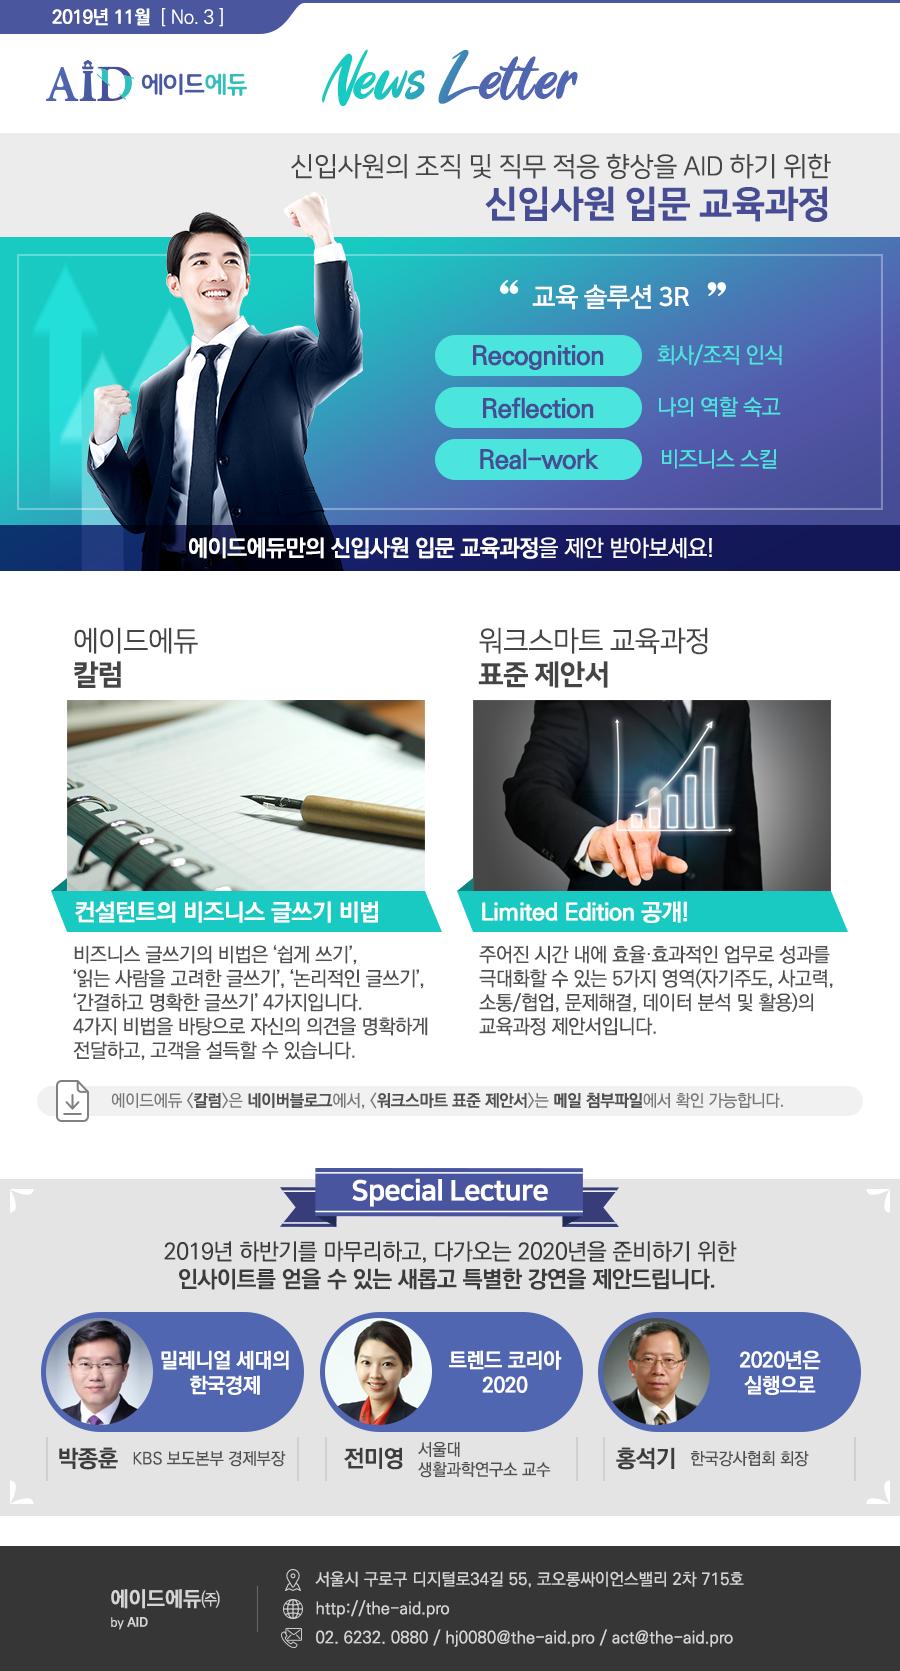 [AID에듀] 11월 뉴스레터